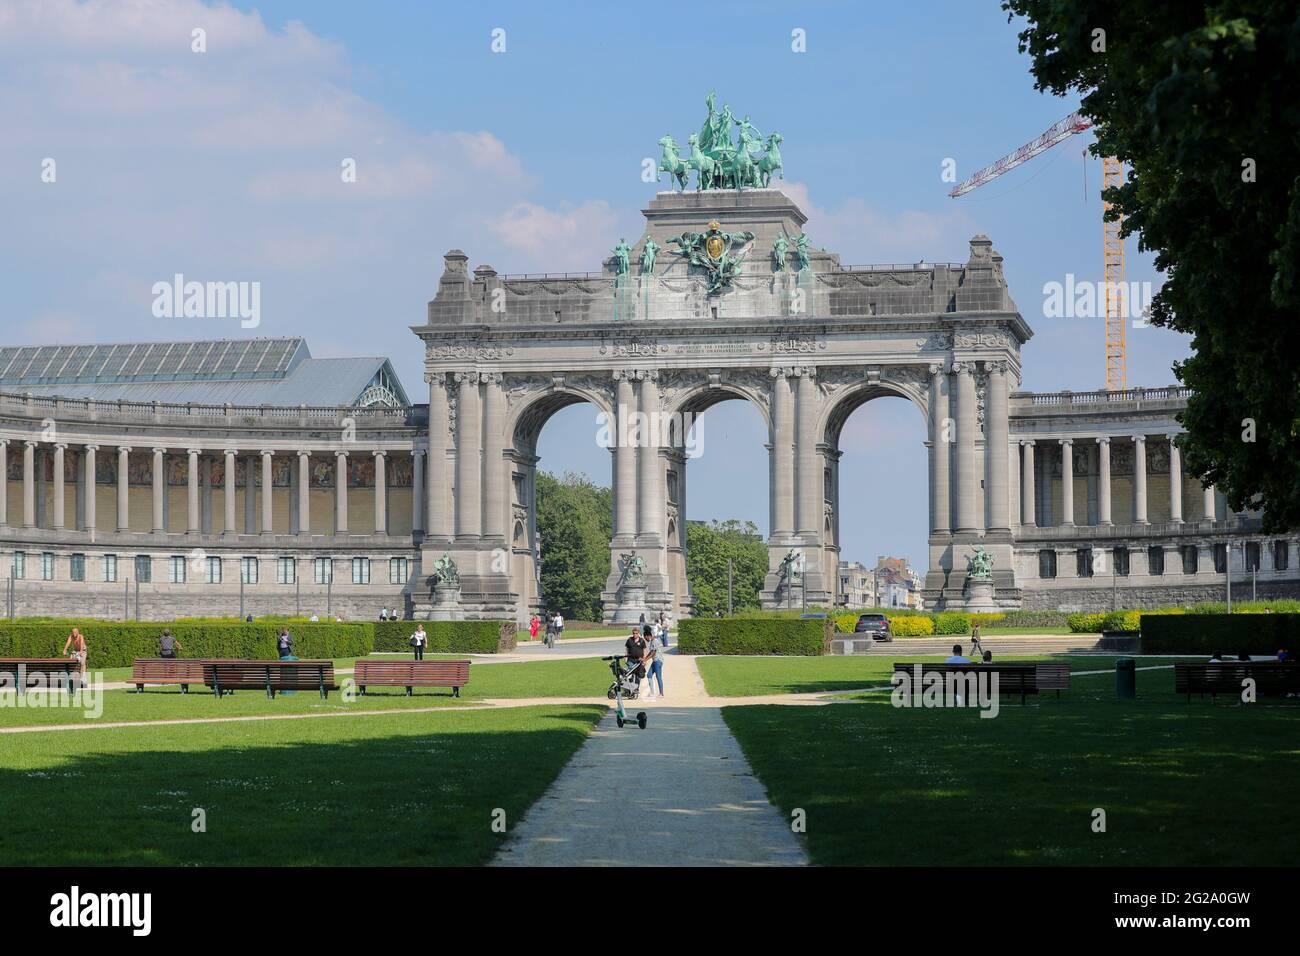 Bruxelles, Belgique. 9 juin 2021. Les gens sont vus dans le Parc du cinquantième anniversaire à Bruxelles, Belgique, le 9 juin 2021. Le plan d'été de la Belgique est entré en vigueur mercredi. Le secteur de l'accueil est autorisé à rouvrir les espaces intérieurs de 5 h à 11 h 30. Le Comité consultatif belge a convenu de nouvelles règles de voyage et de nouveaux plans de relaxation le 4 juin afin de permettre aux personnes de voyager en toute sécurité pendant leurs vacances d'été. Credit: Zheng Huansong/Xinhua/Alay Live News Banque D'Images